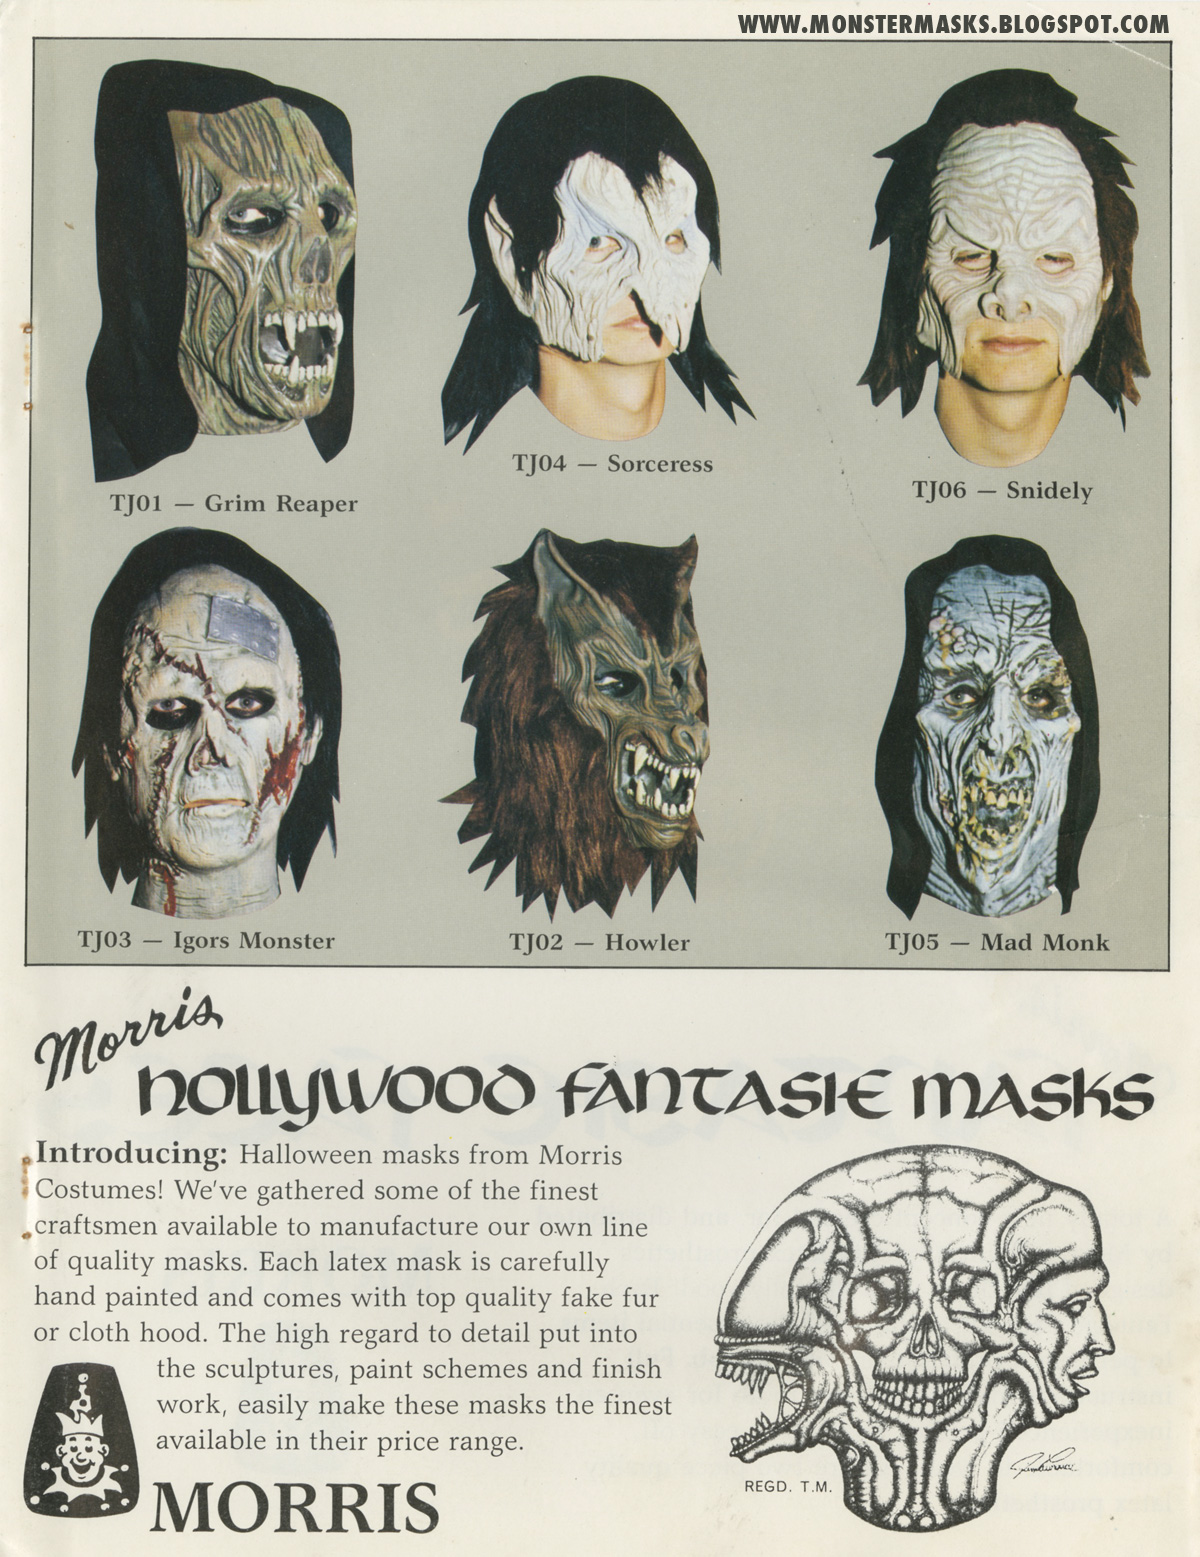 Blood Curdling Blog of Monster Masks: November 2012